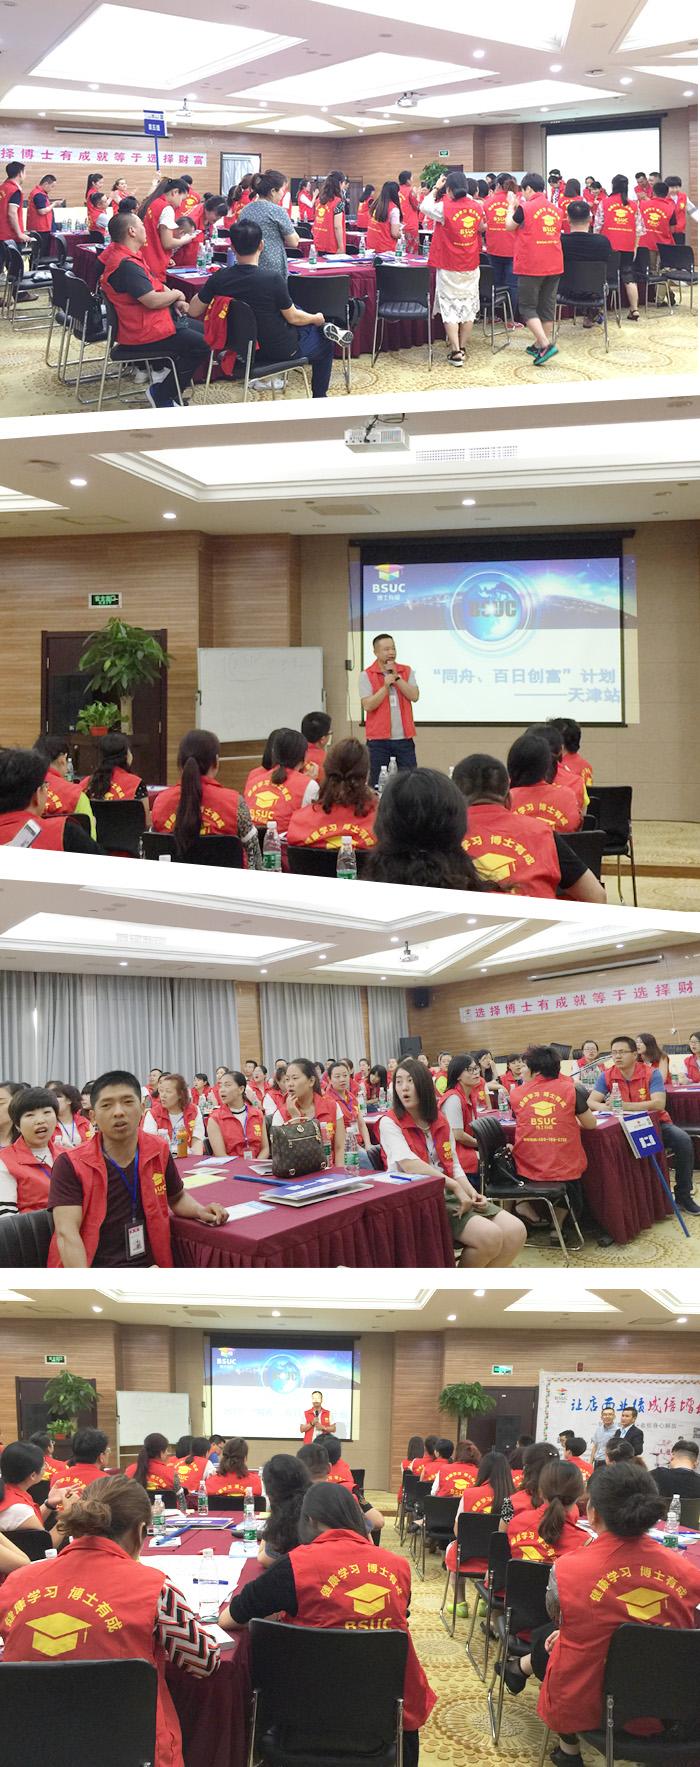 博士有成:第16期《百日创富计划》培训大会天津站圆满结束